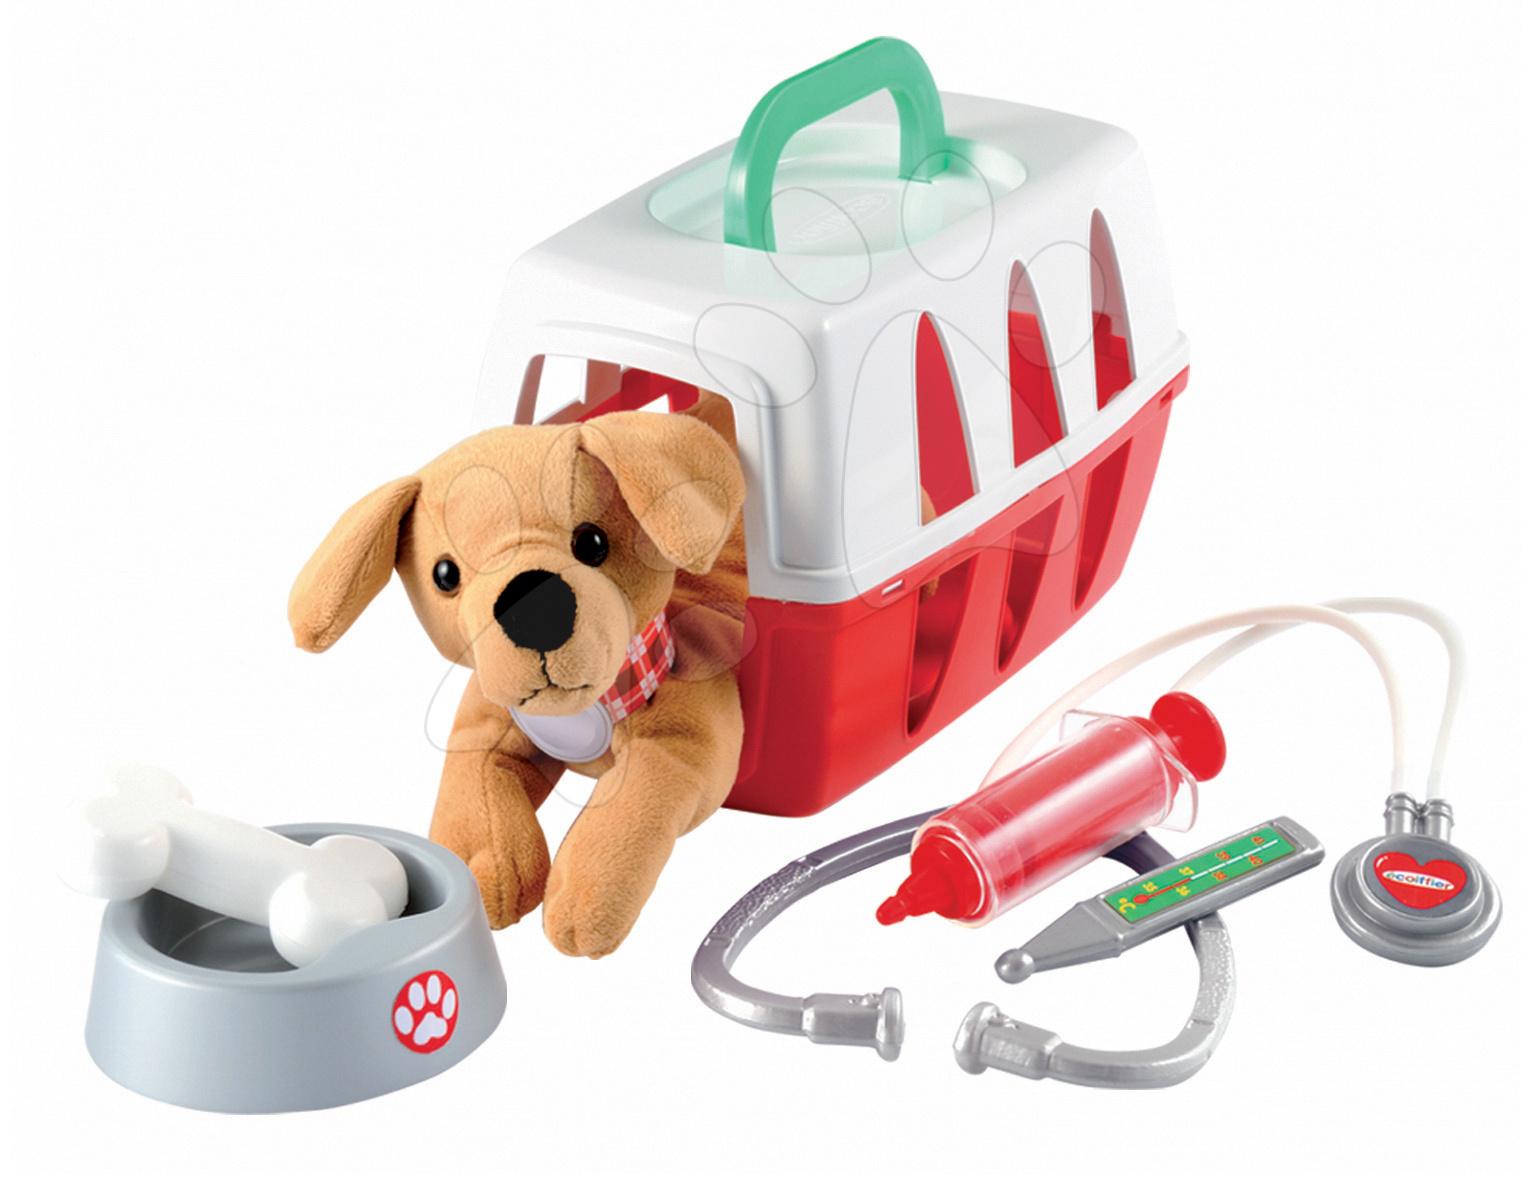 Lékařské vozíky pro děti - Lékařský košík Écoiffier pro pejska s mističkou a lékařskými doplňky od 18 měsíců